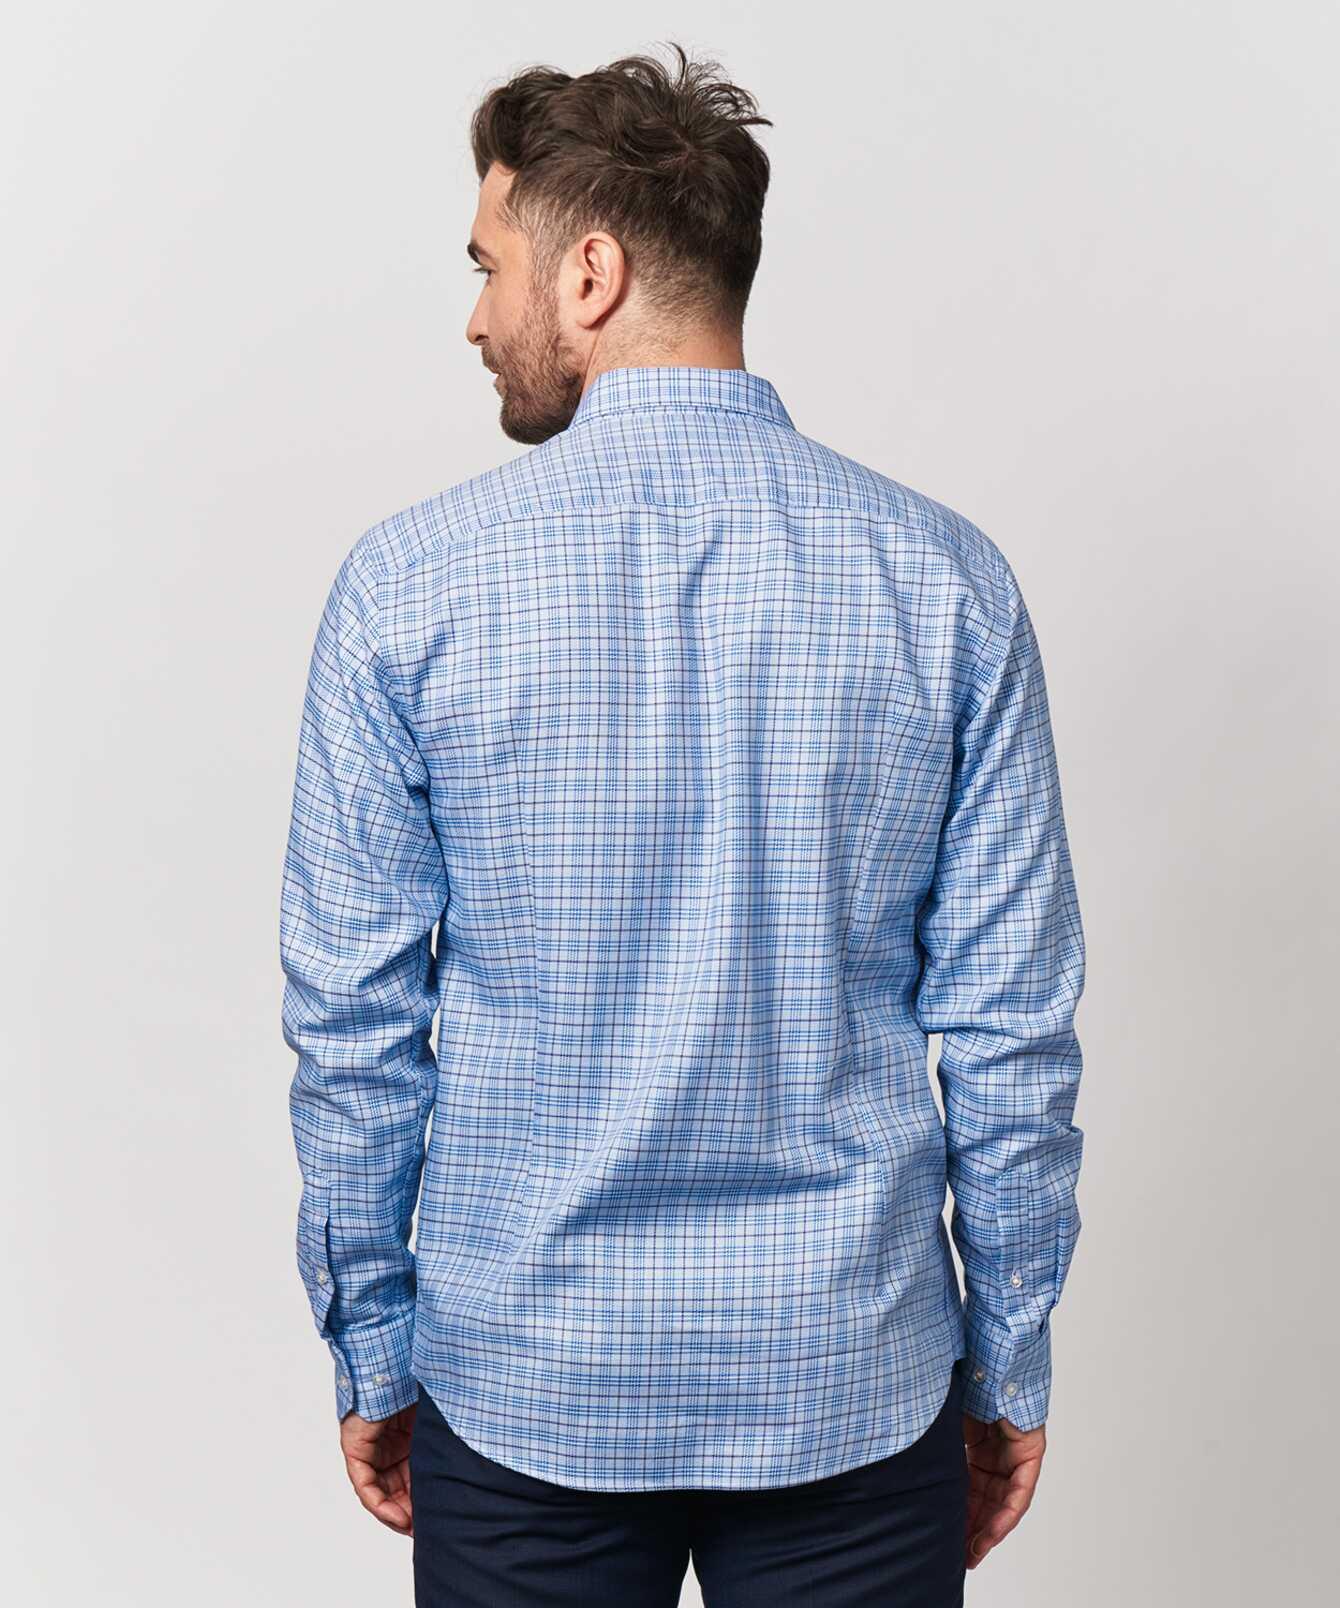 Shirt Wilson Blå Extra Lång Ärm The Shirt Factory